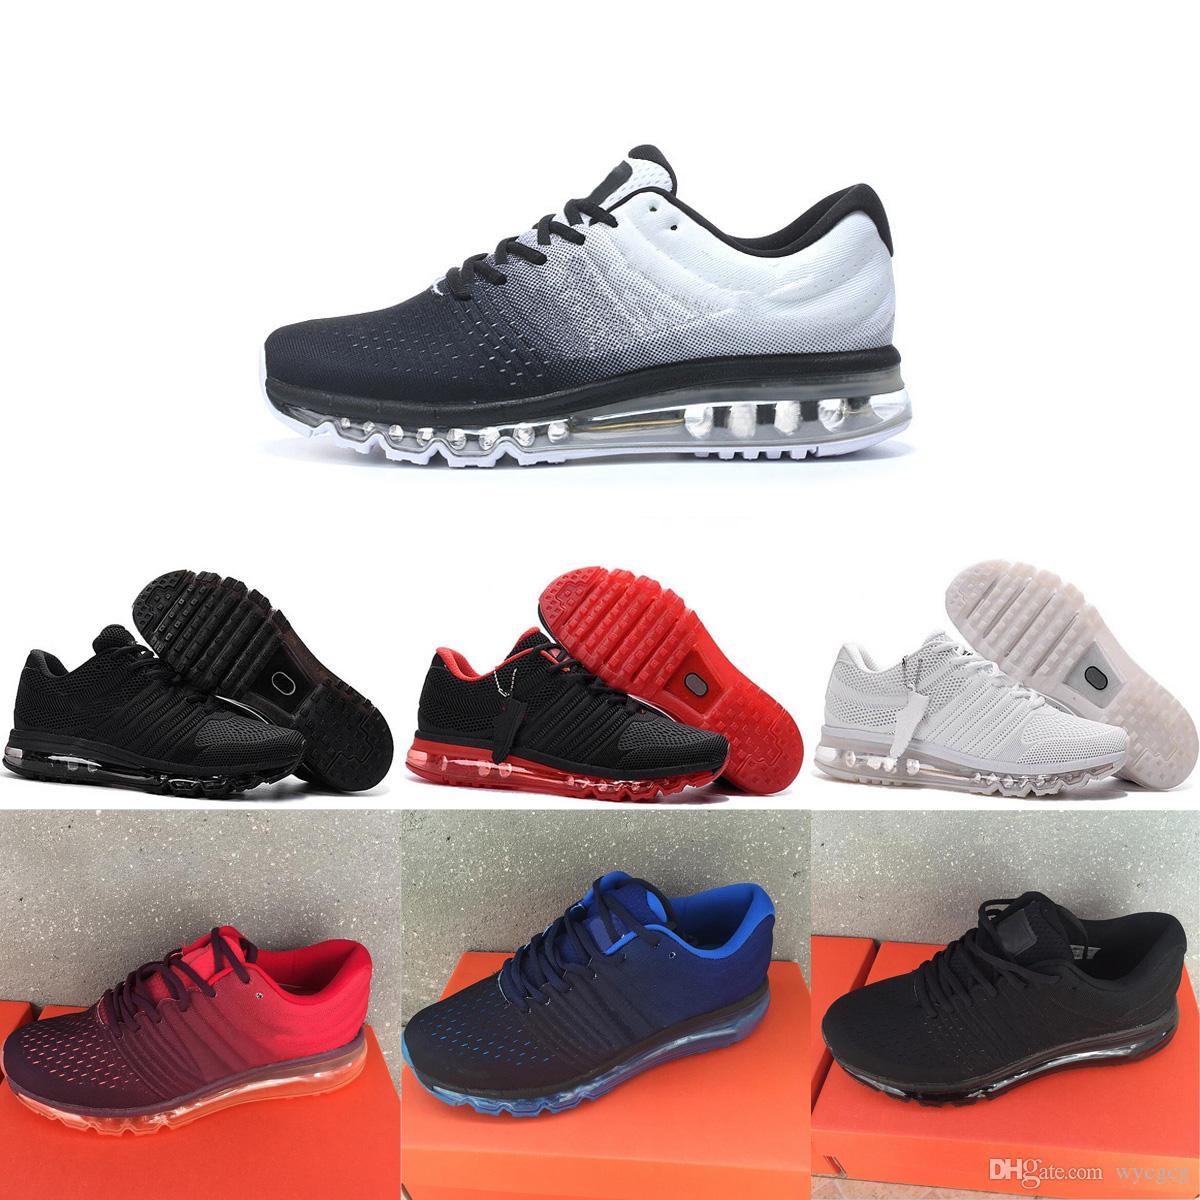 to buy 0cd2c 95f5b Compre Nike Air Max 2017 Airmax 2017 Nuevo Maxes 2018 KPU II Precio De  Descuento Hombres Mujeres Zapatos Para Correr Con Moda De Calidad Superior  Deportes ...